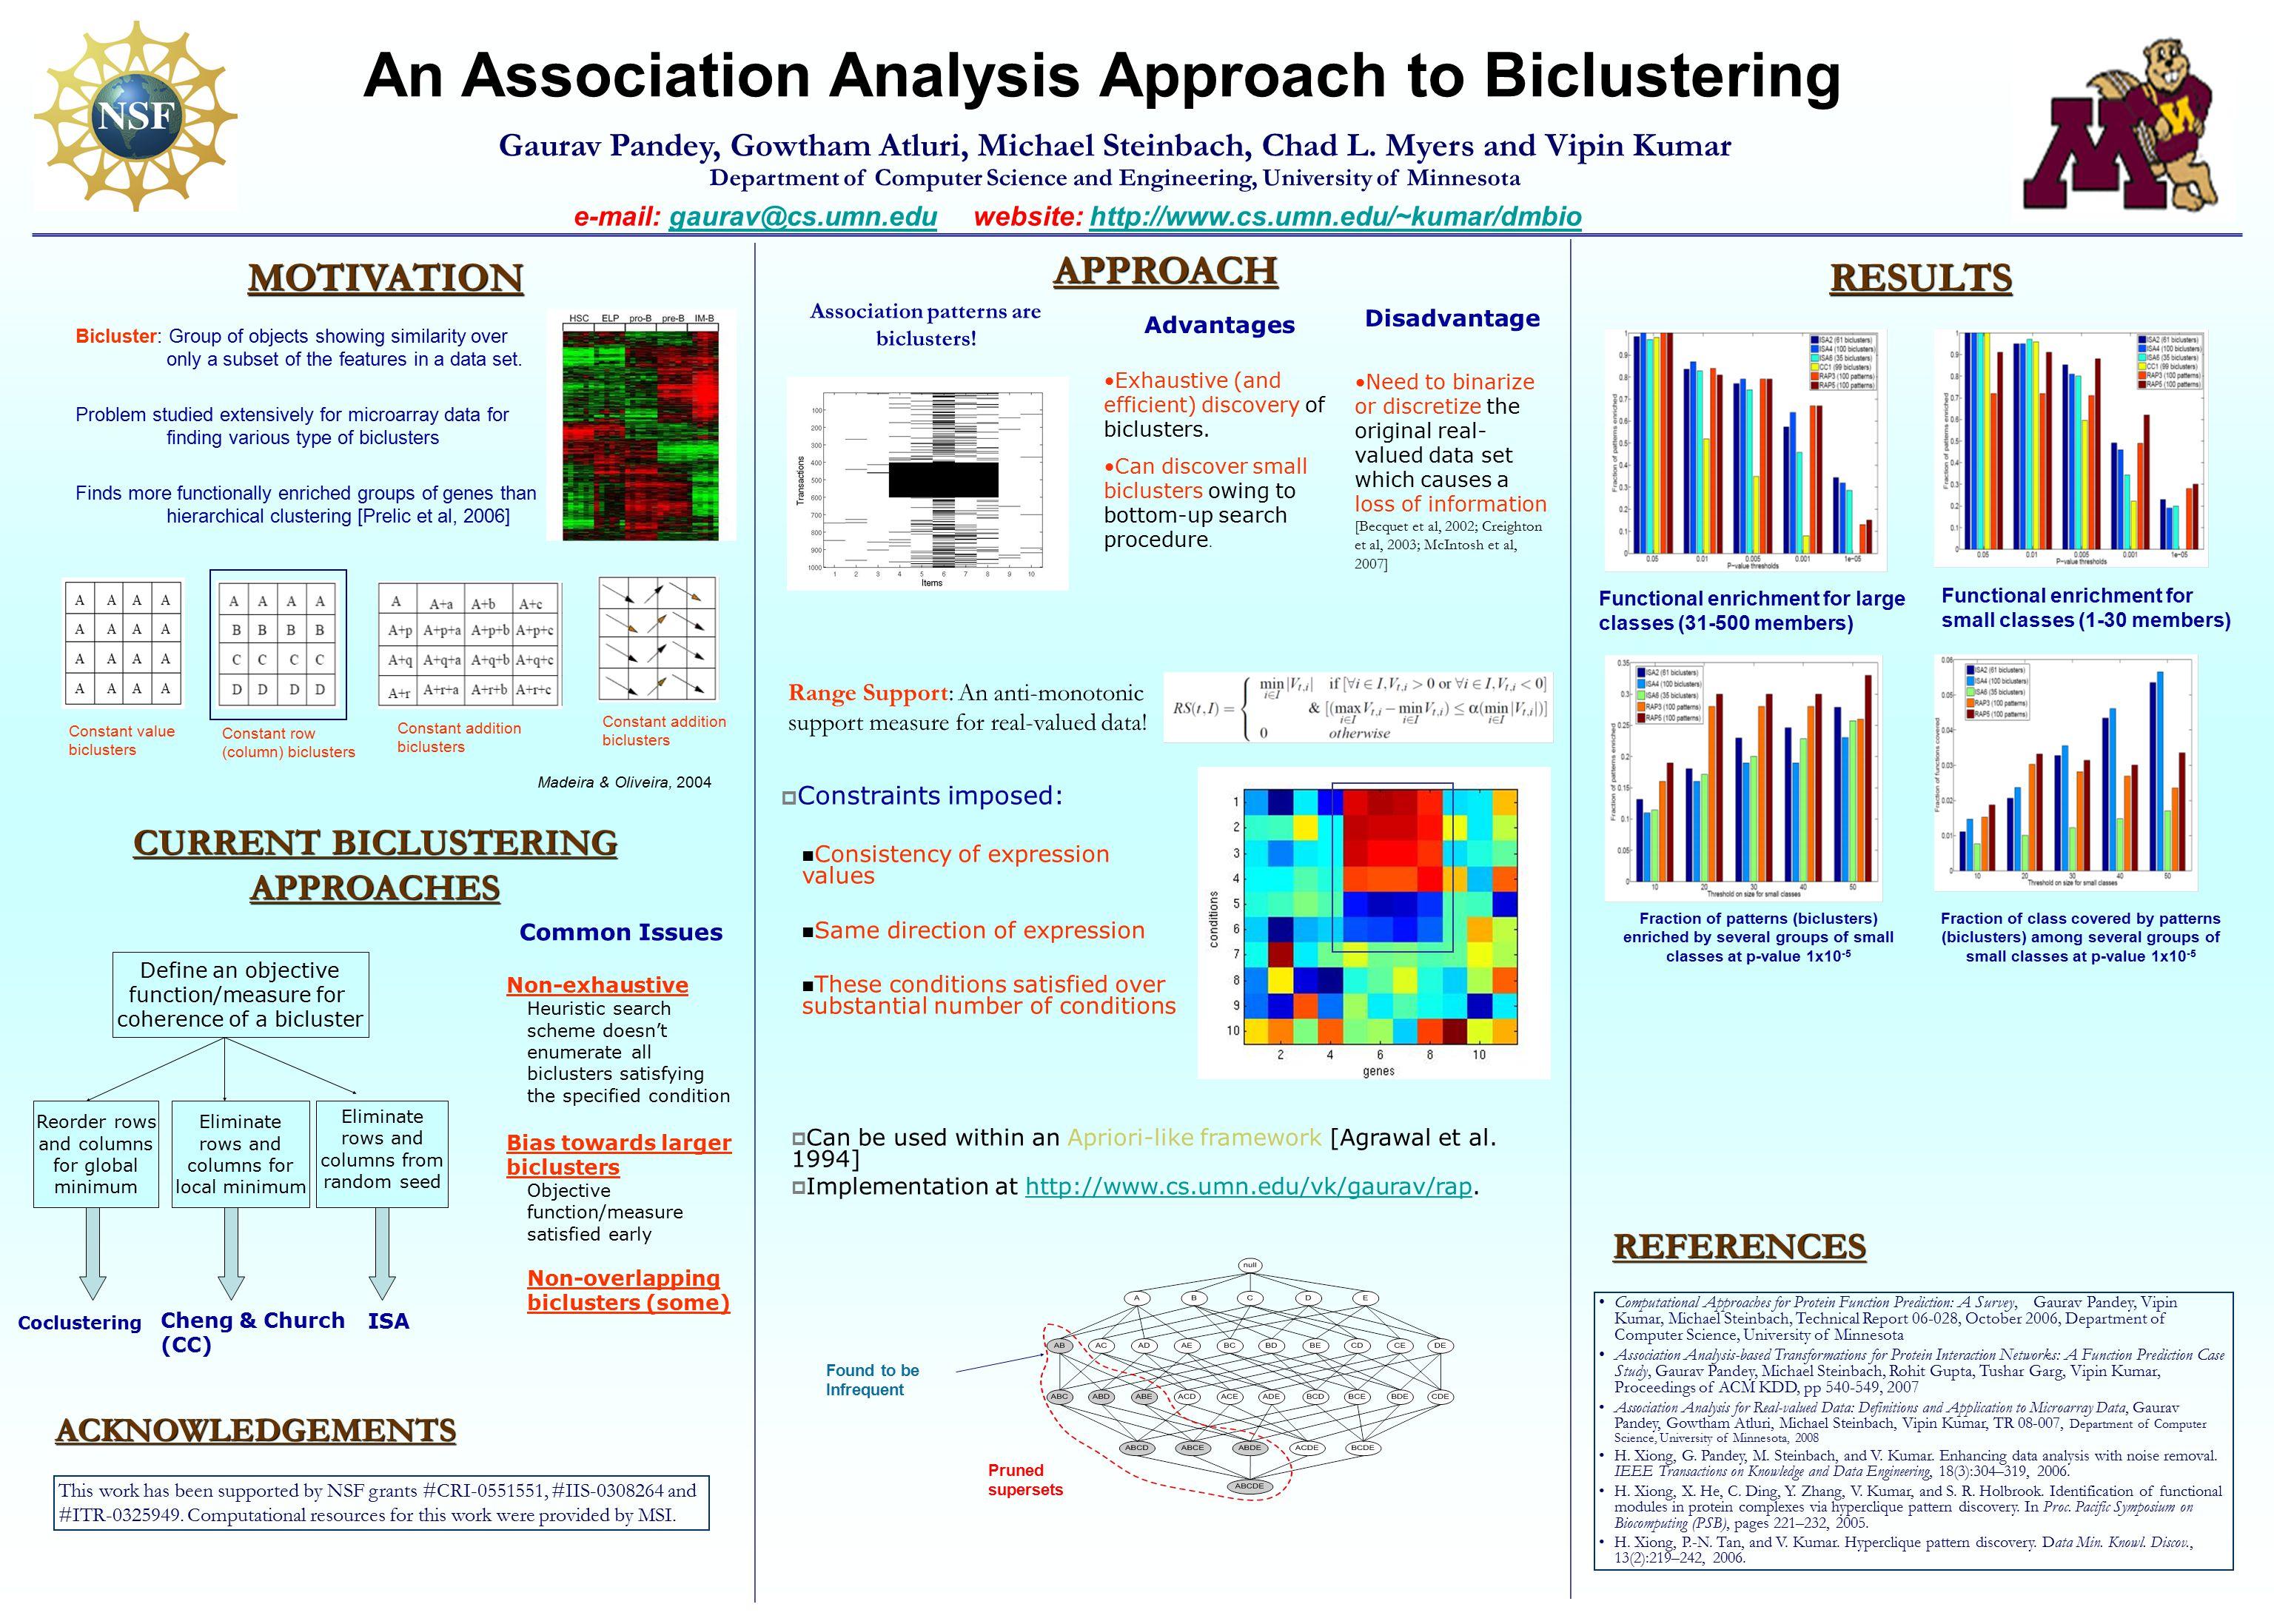 An Association Analysis Approach to Biclustering e-mail: gaurav@cs.umn.edu website: http://www.cs.umn.edu/~kumar/dmbiogaurav@cs.umn.eduhttp://www.cs.umn.edu/~kumar/dmbio Gaurav Pandey, Gowtham Atluri, Michael Steinbach, Chad L.